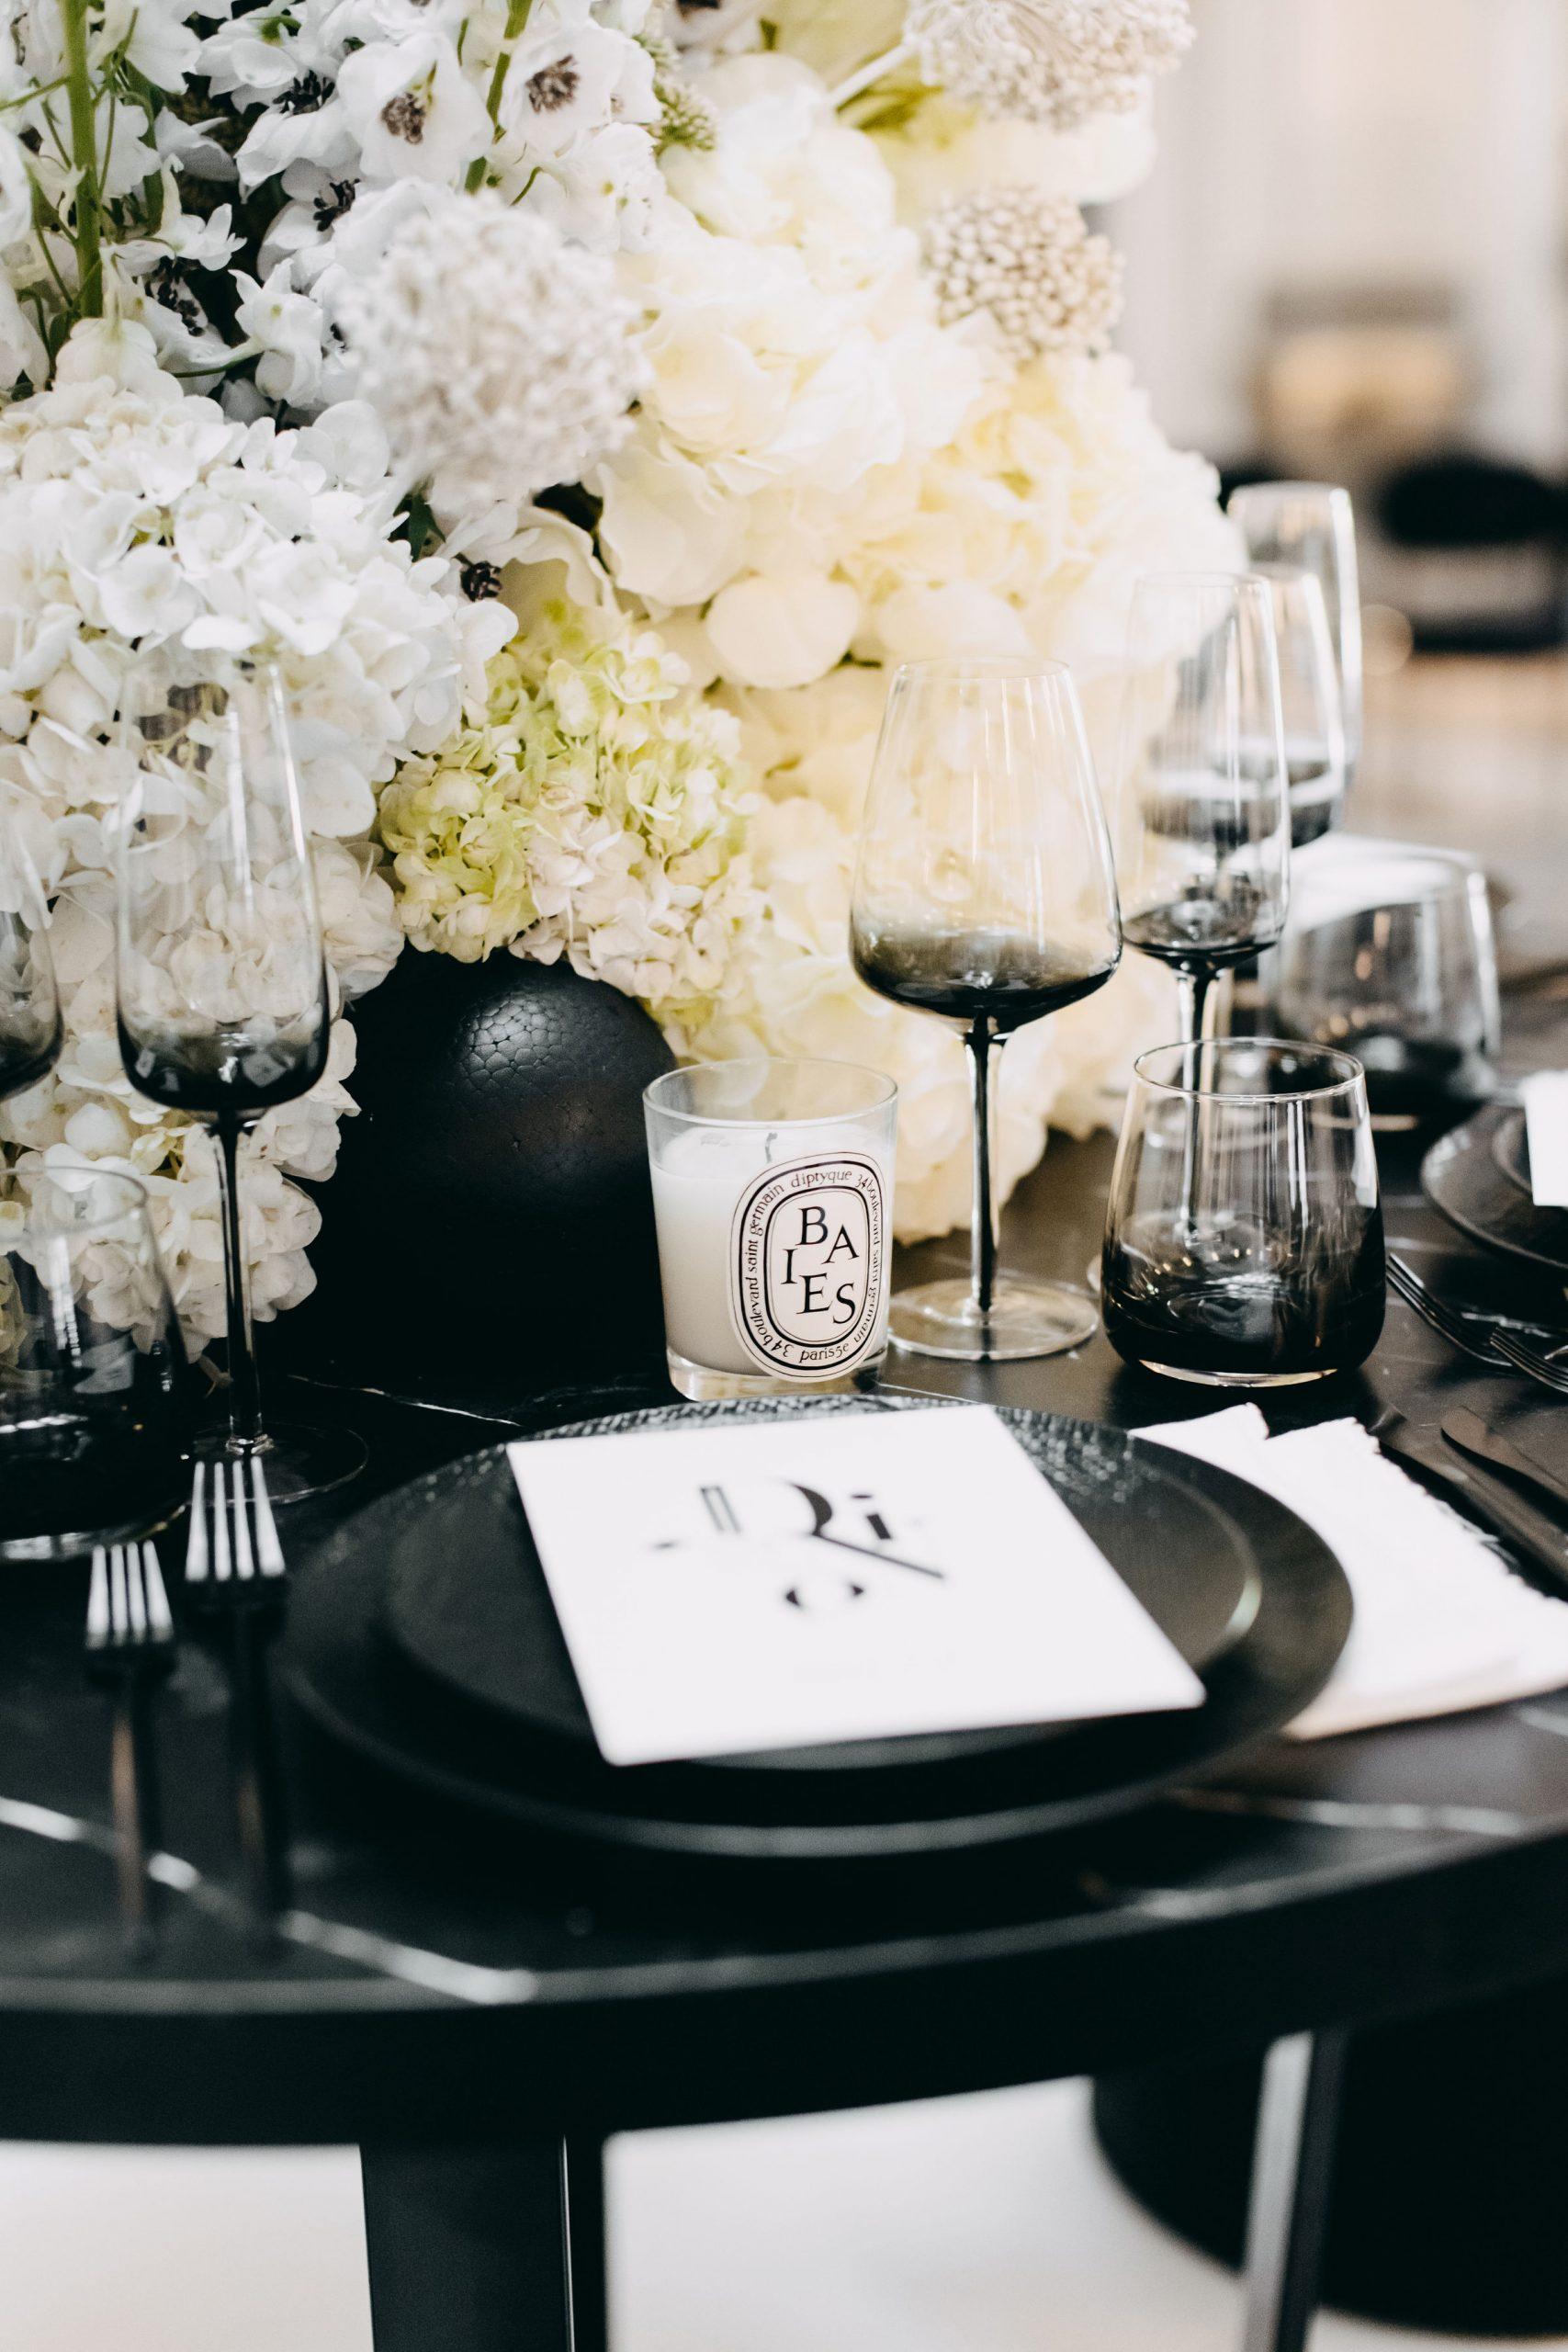 48-WEDDINGOPENDAY-THESTATEBUILDINGS-21FEB2021